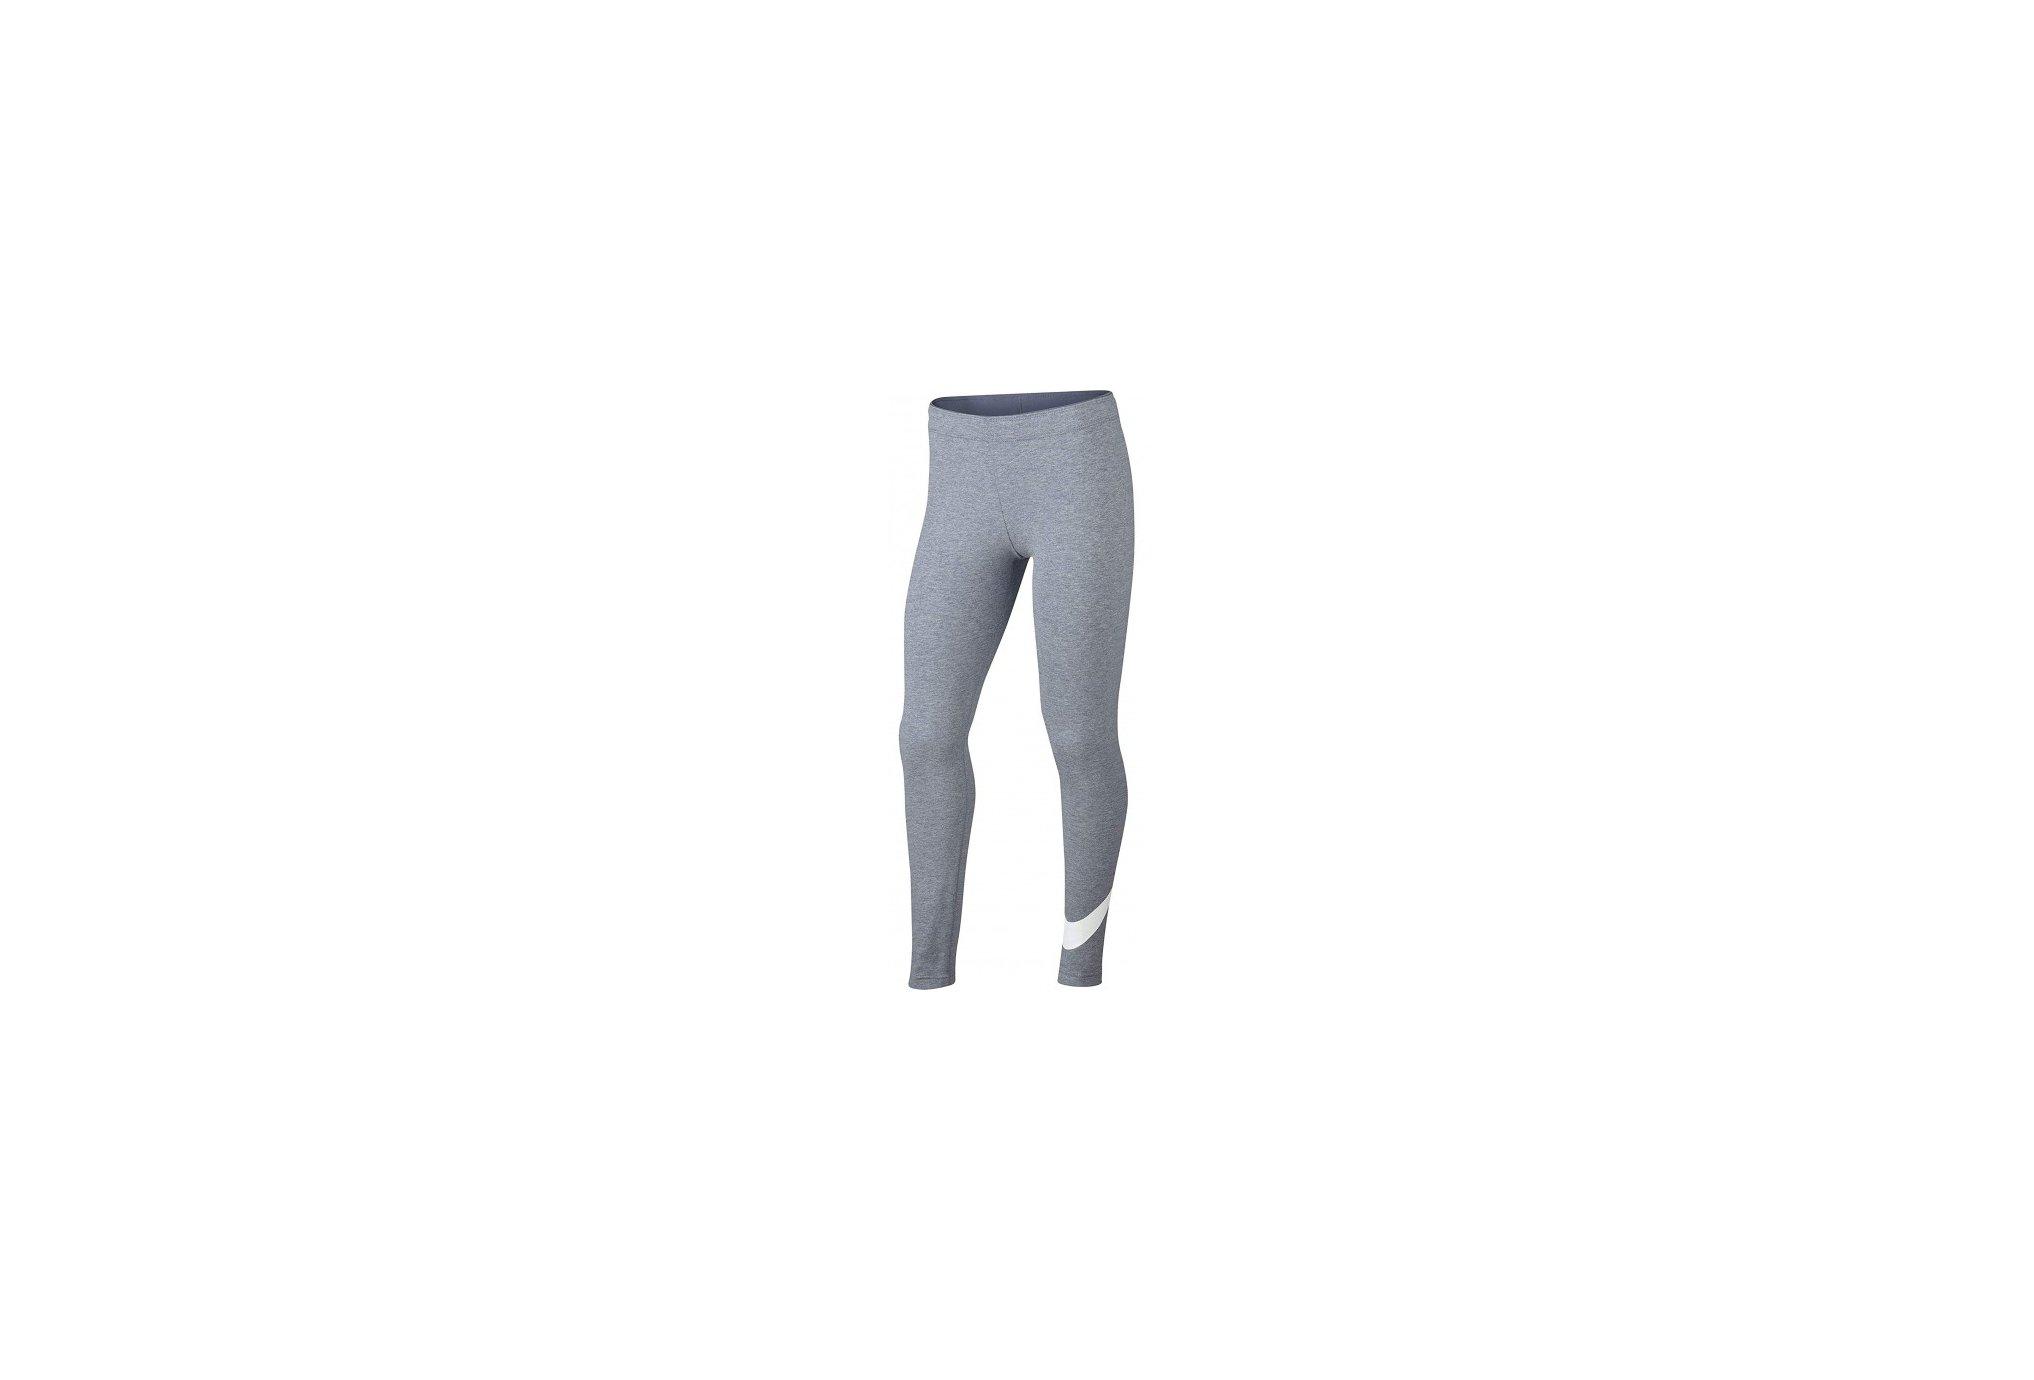 Nike Favorites Swoosh Fille vêtement running femme